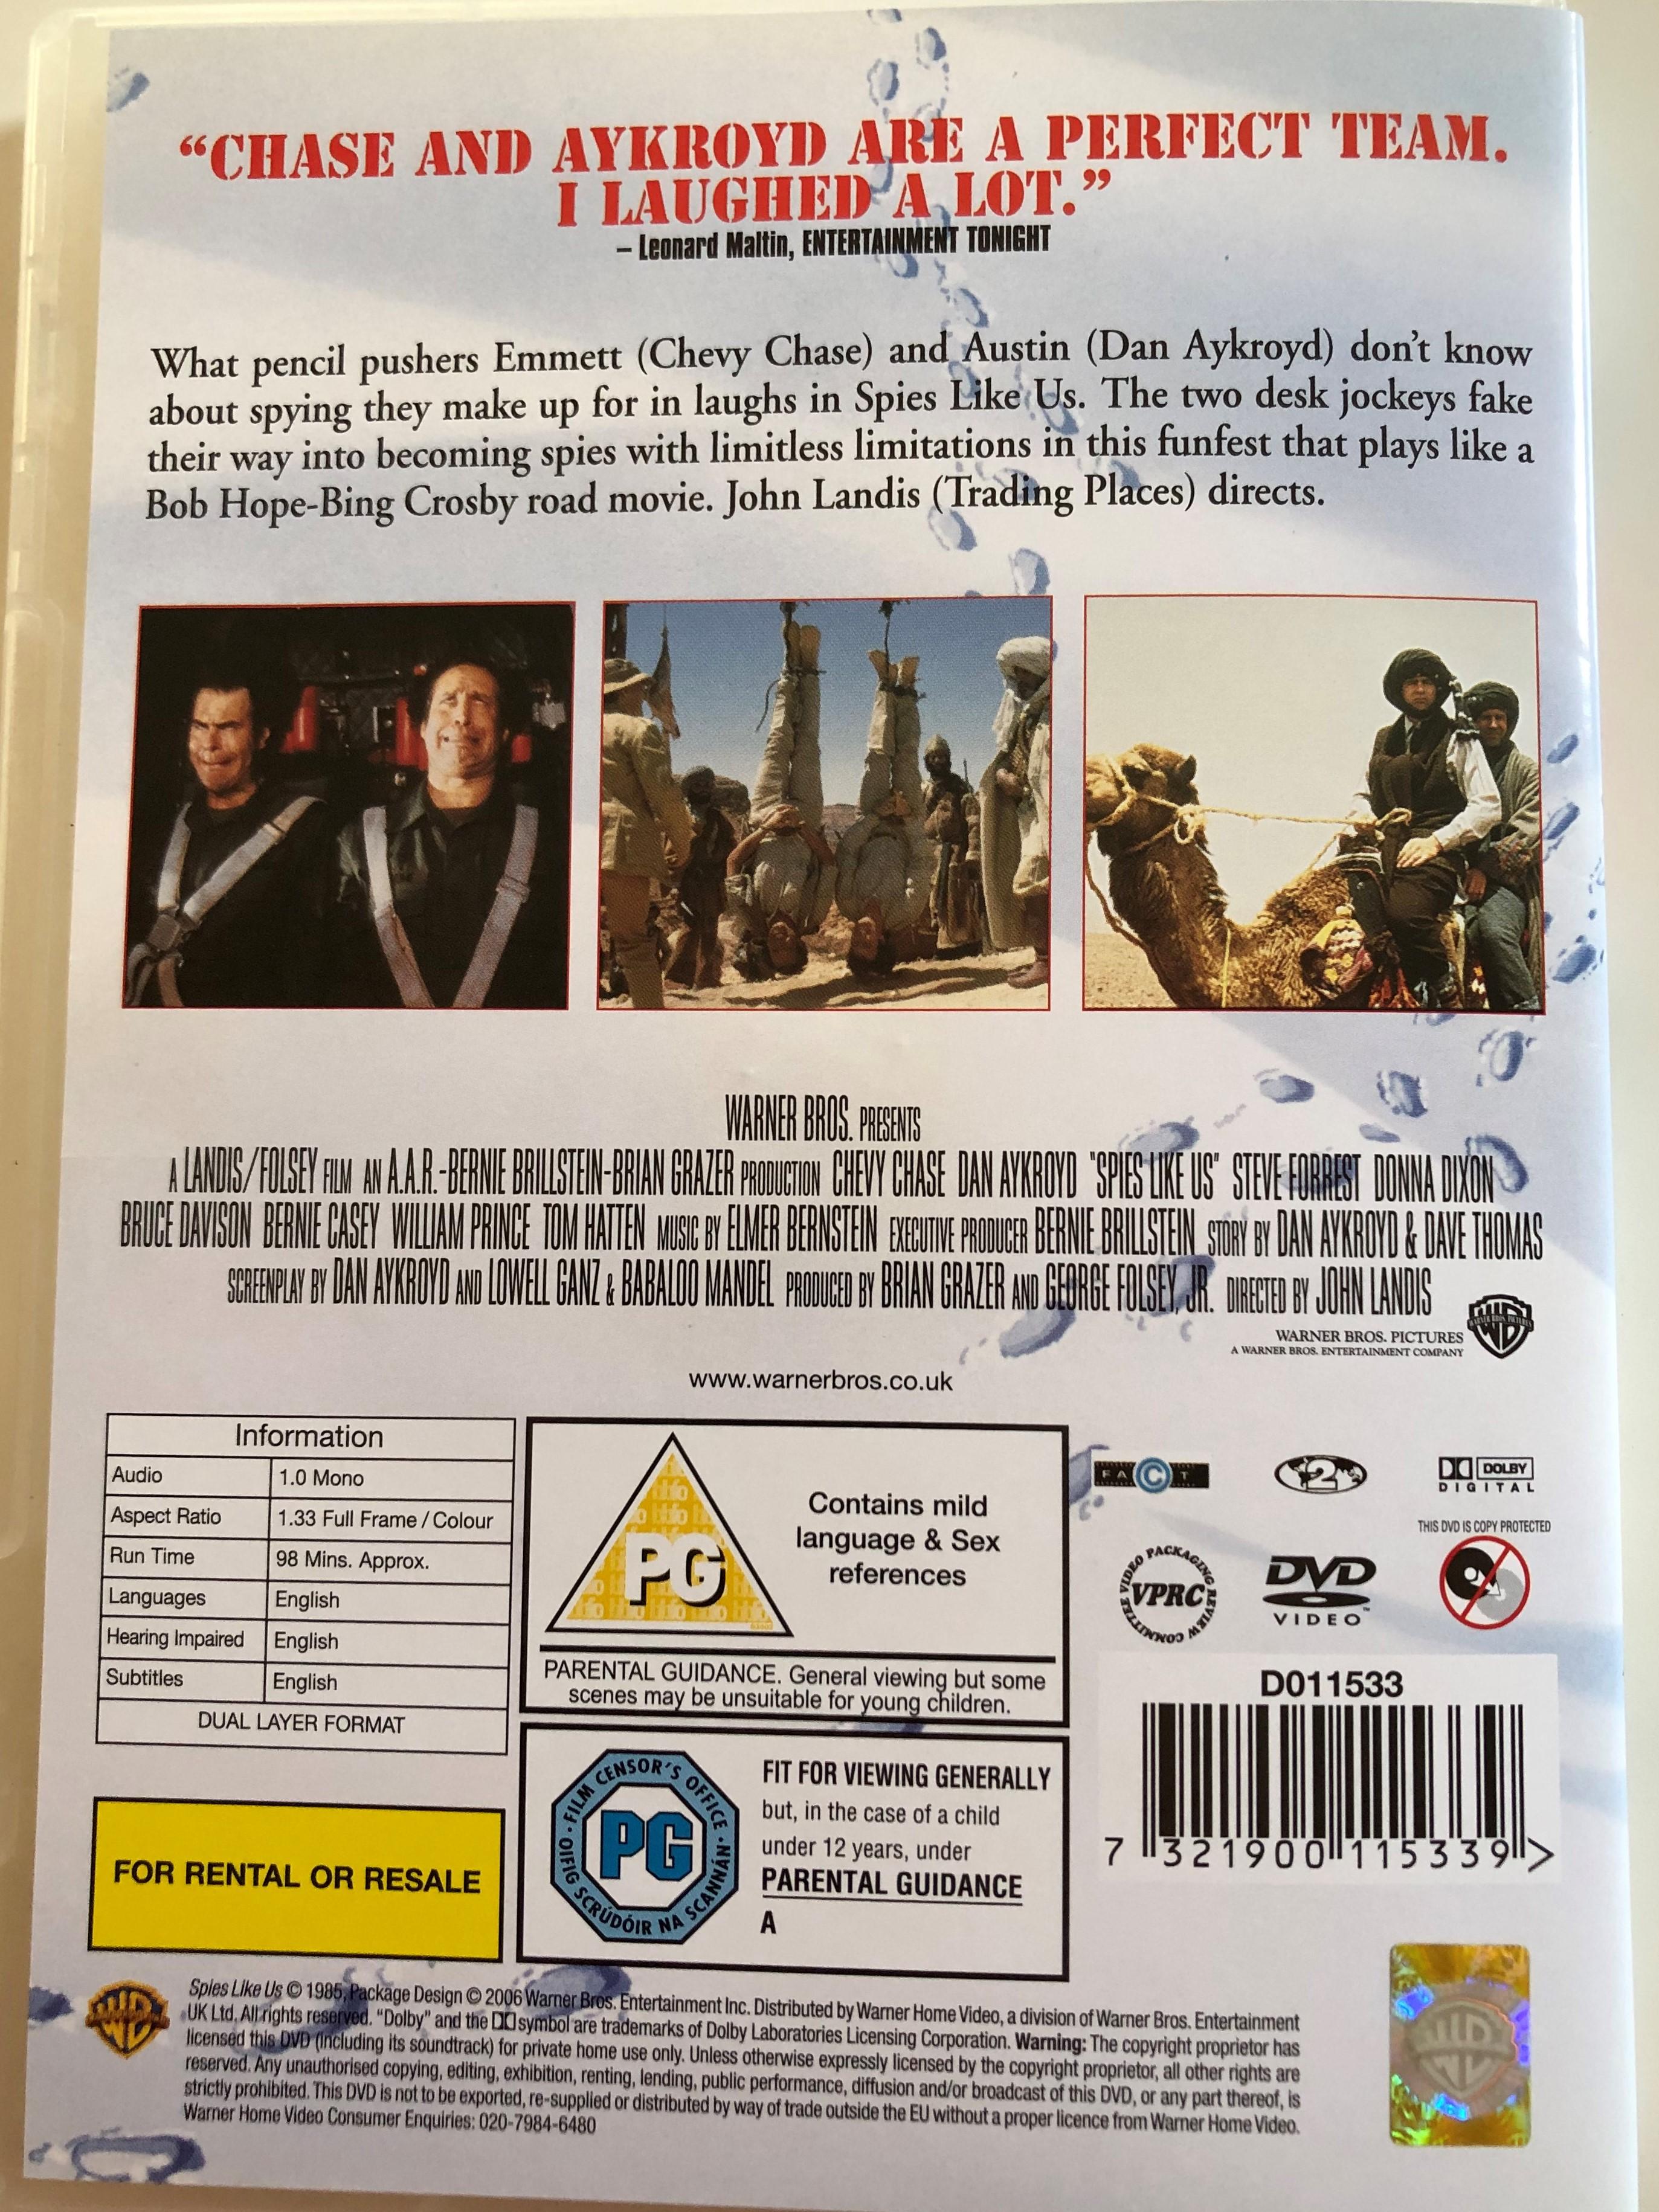 spies-like-us-dvd-1985-directed-by-john-landis-2.jpg